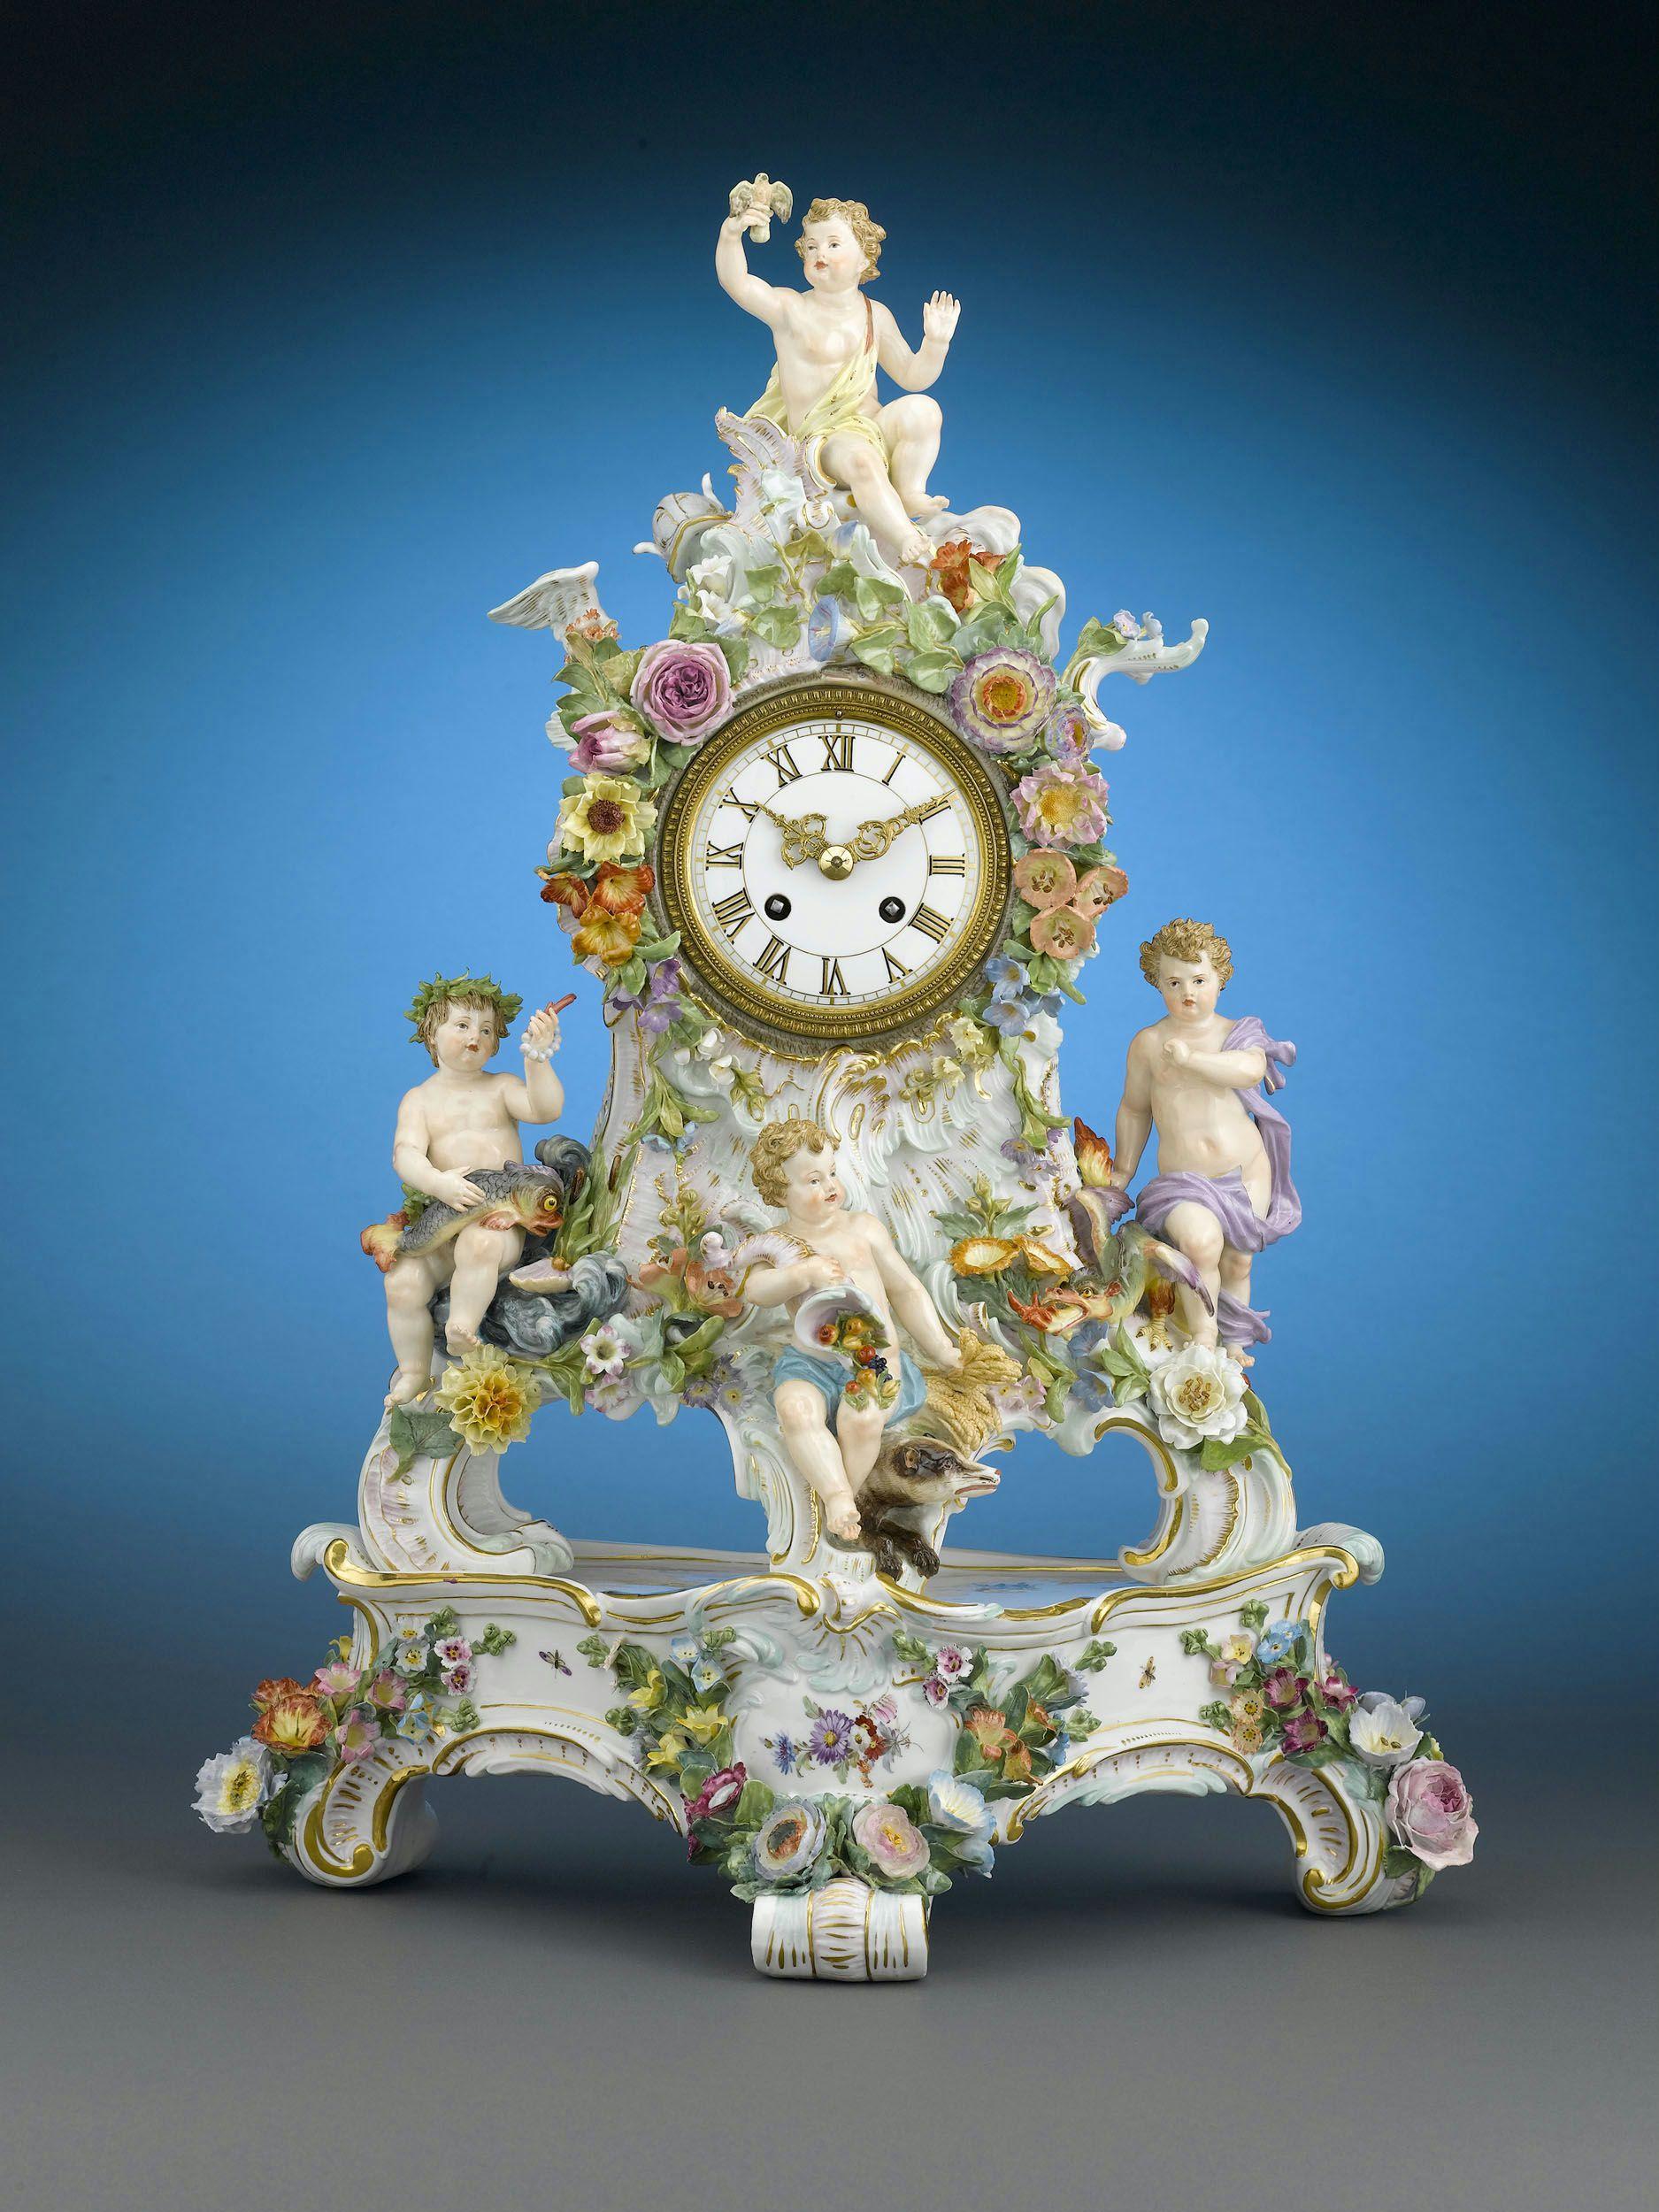 Антикварная лавка   Mantel clocks, Mantels and Clocks